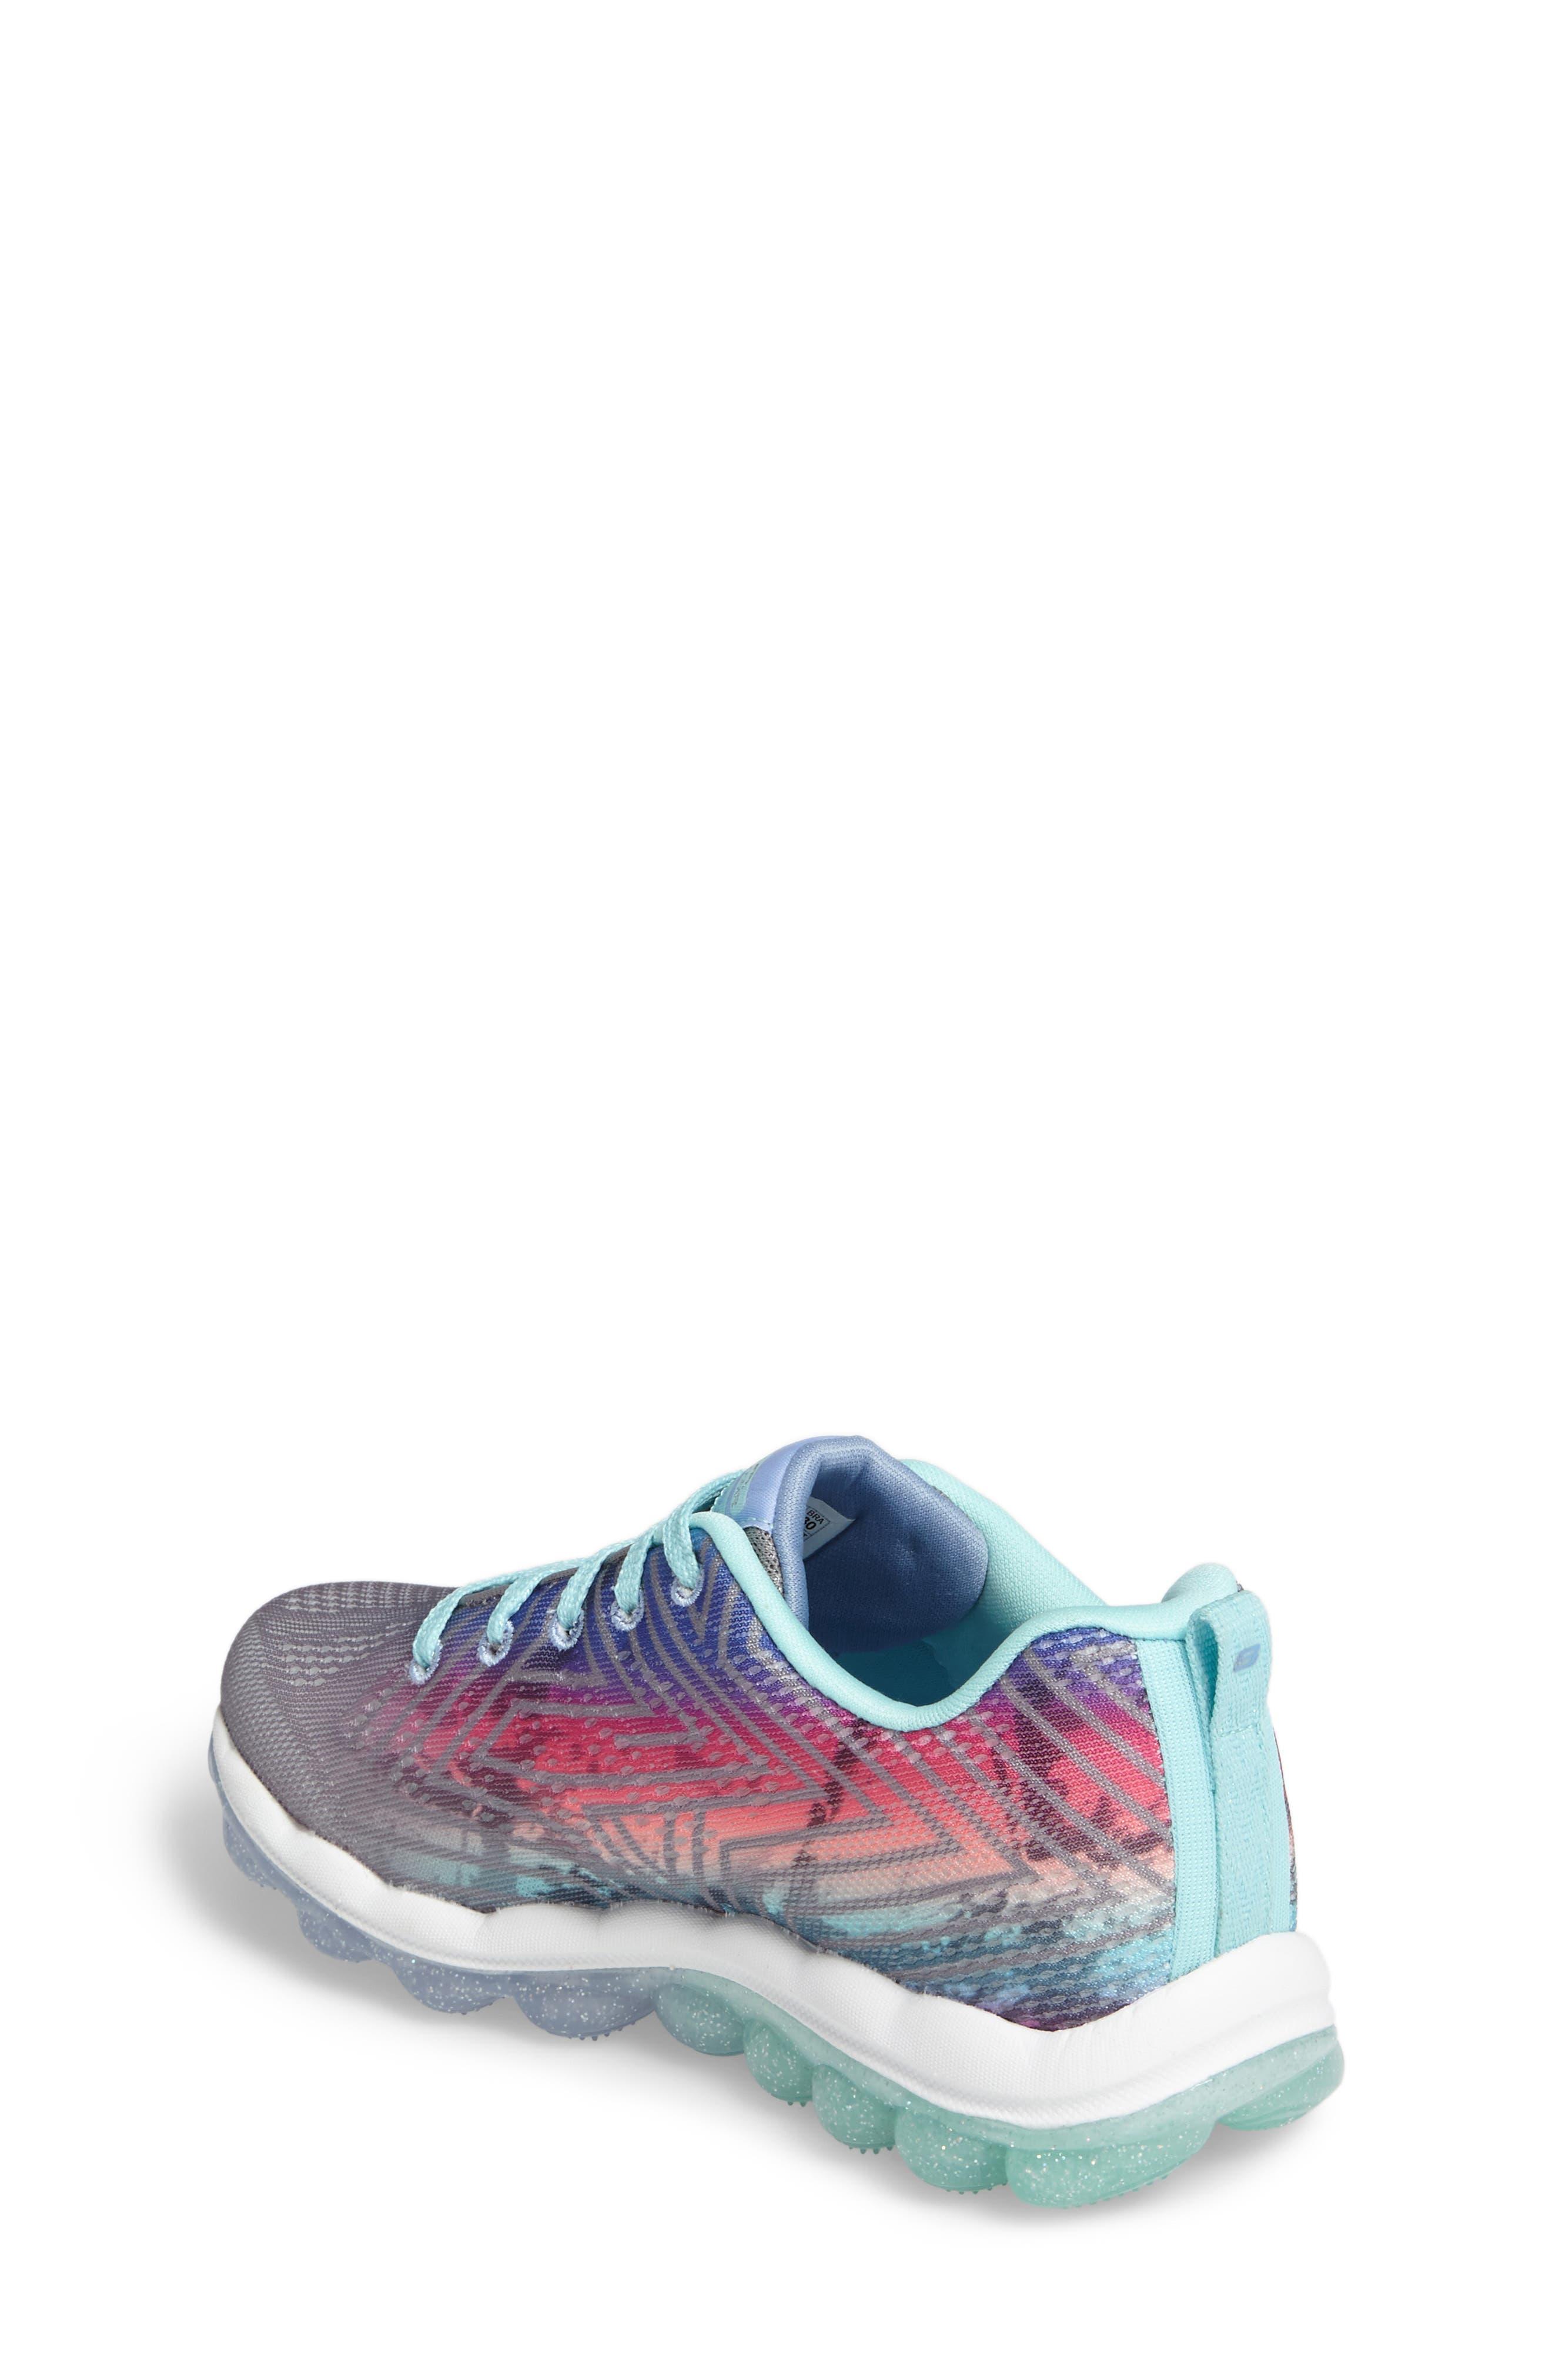 Skech-Air Jump Around Sneaker,                             Alternate thumbnail 2, color,                             Grey/ Multi